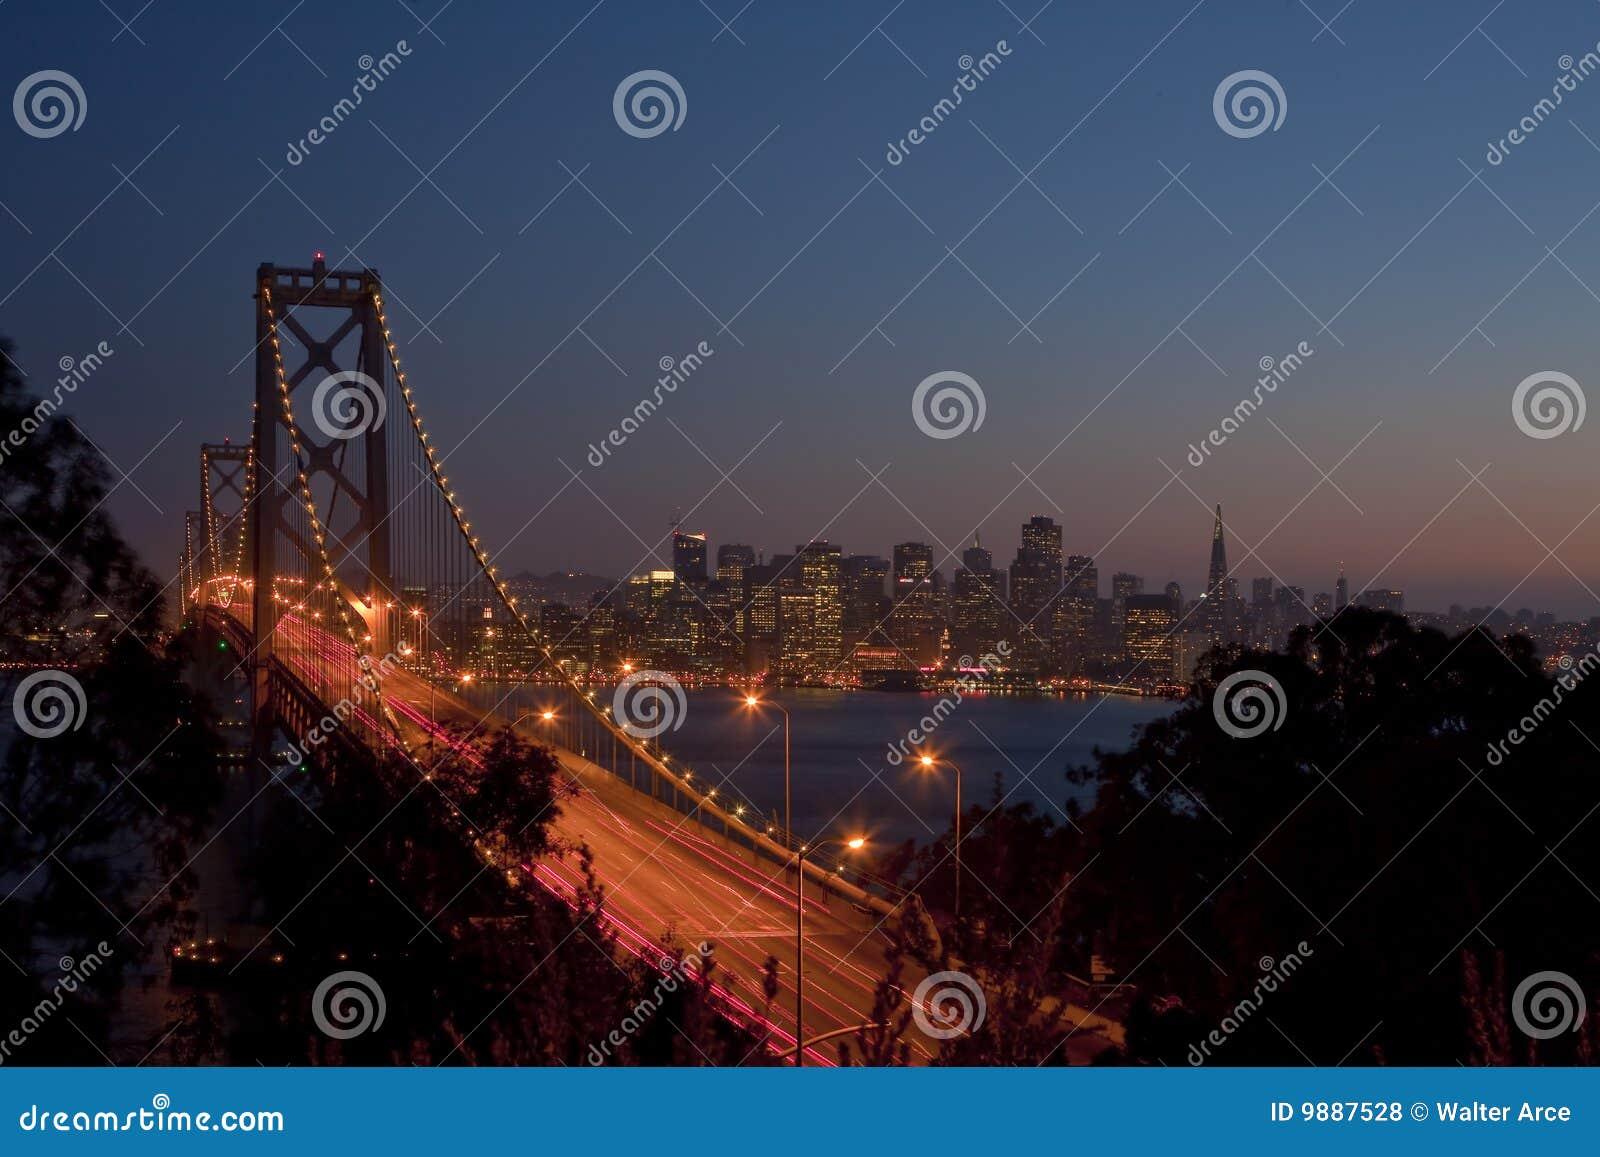 Bay Bridge and San Francisco at Sunset